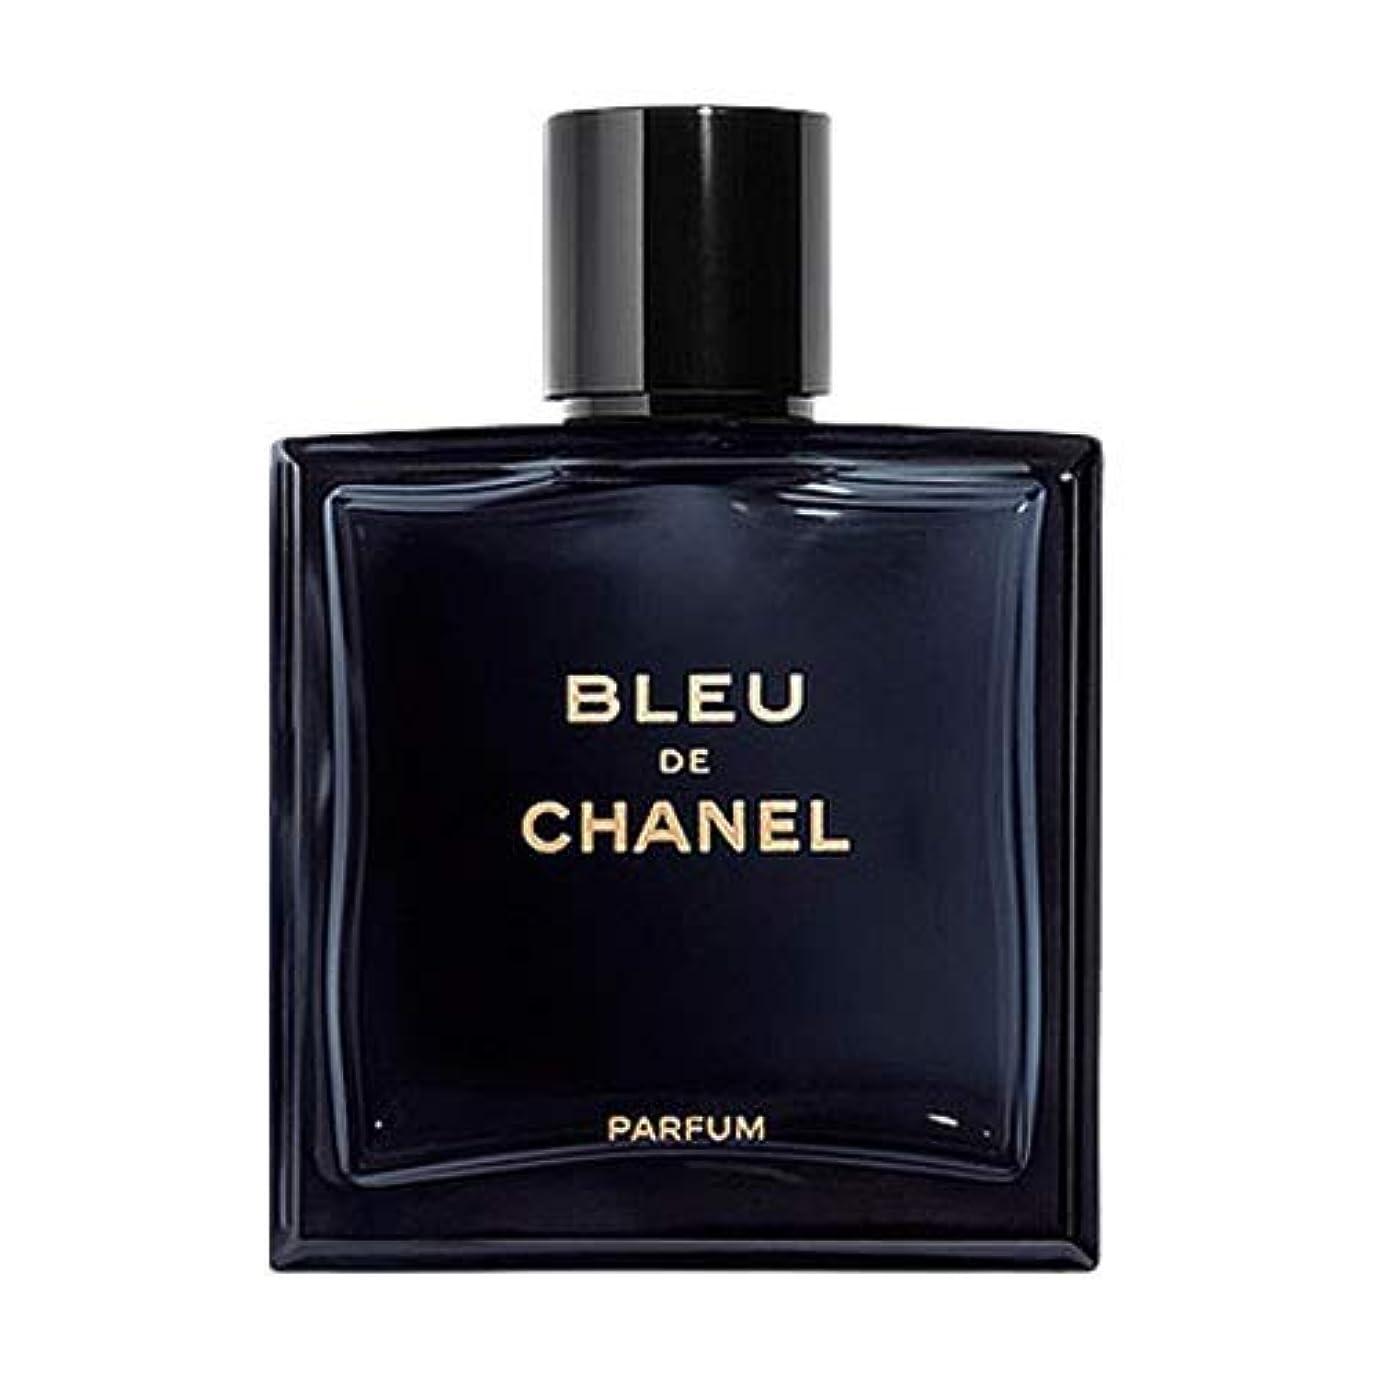 明らかに伝染病服シャネル CHANEL ブルー ドゥ シャネル パルファム 〔Parfum〕 50ml Pfm SP fs